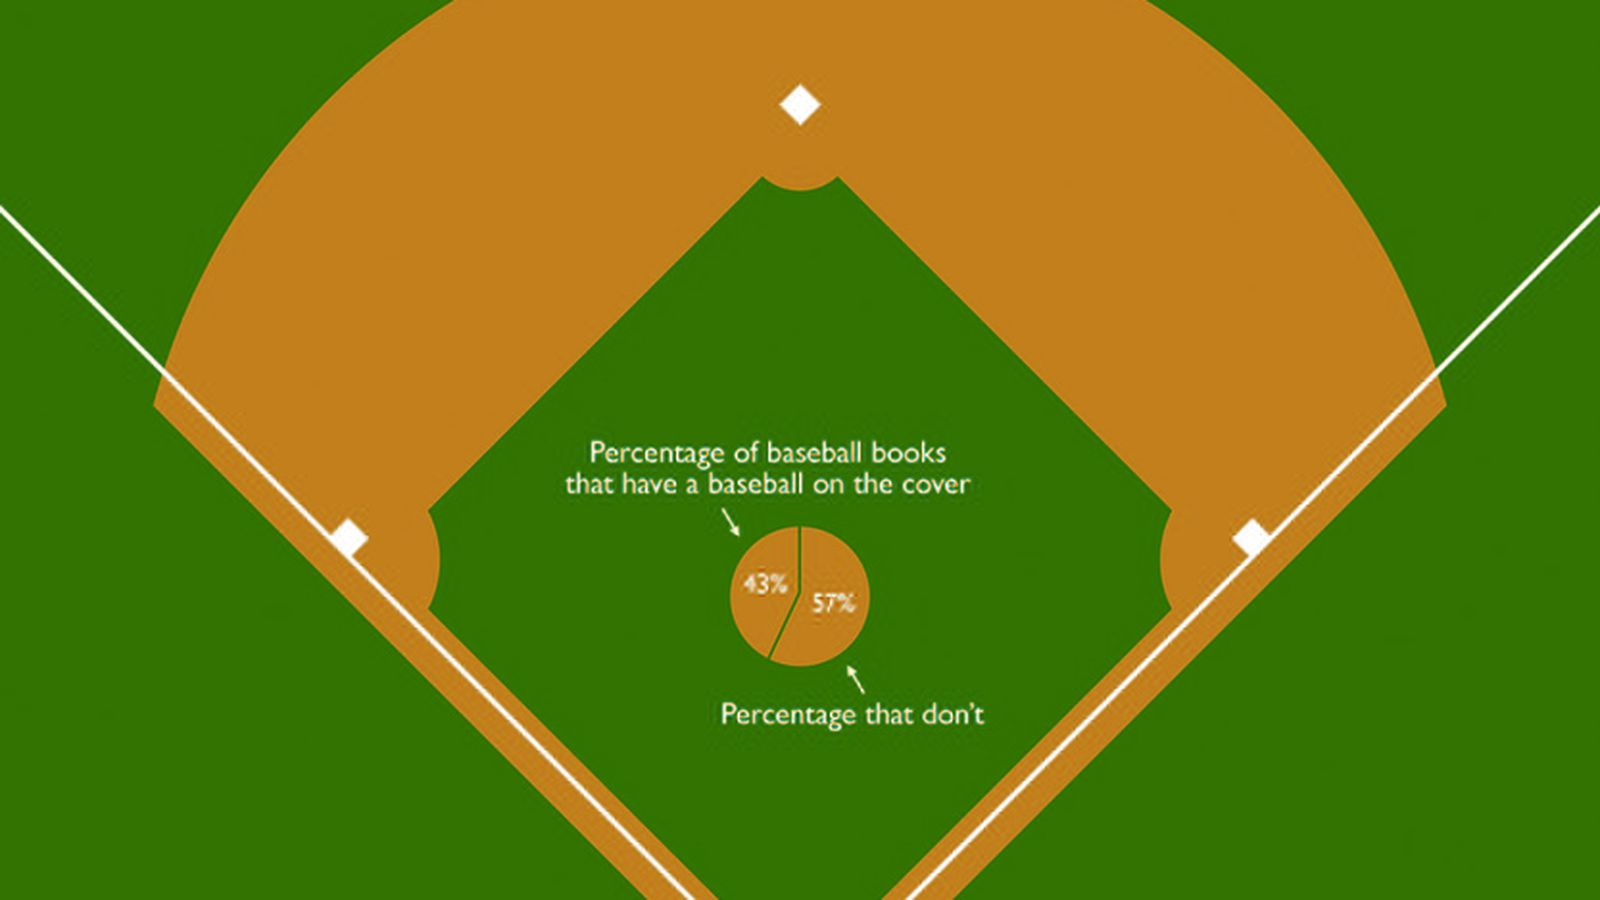 许多国家的人发现了棒球的国家